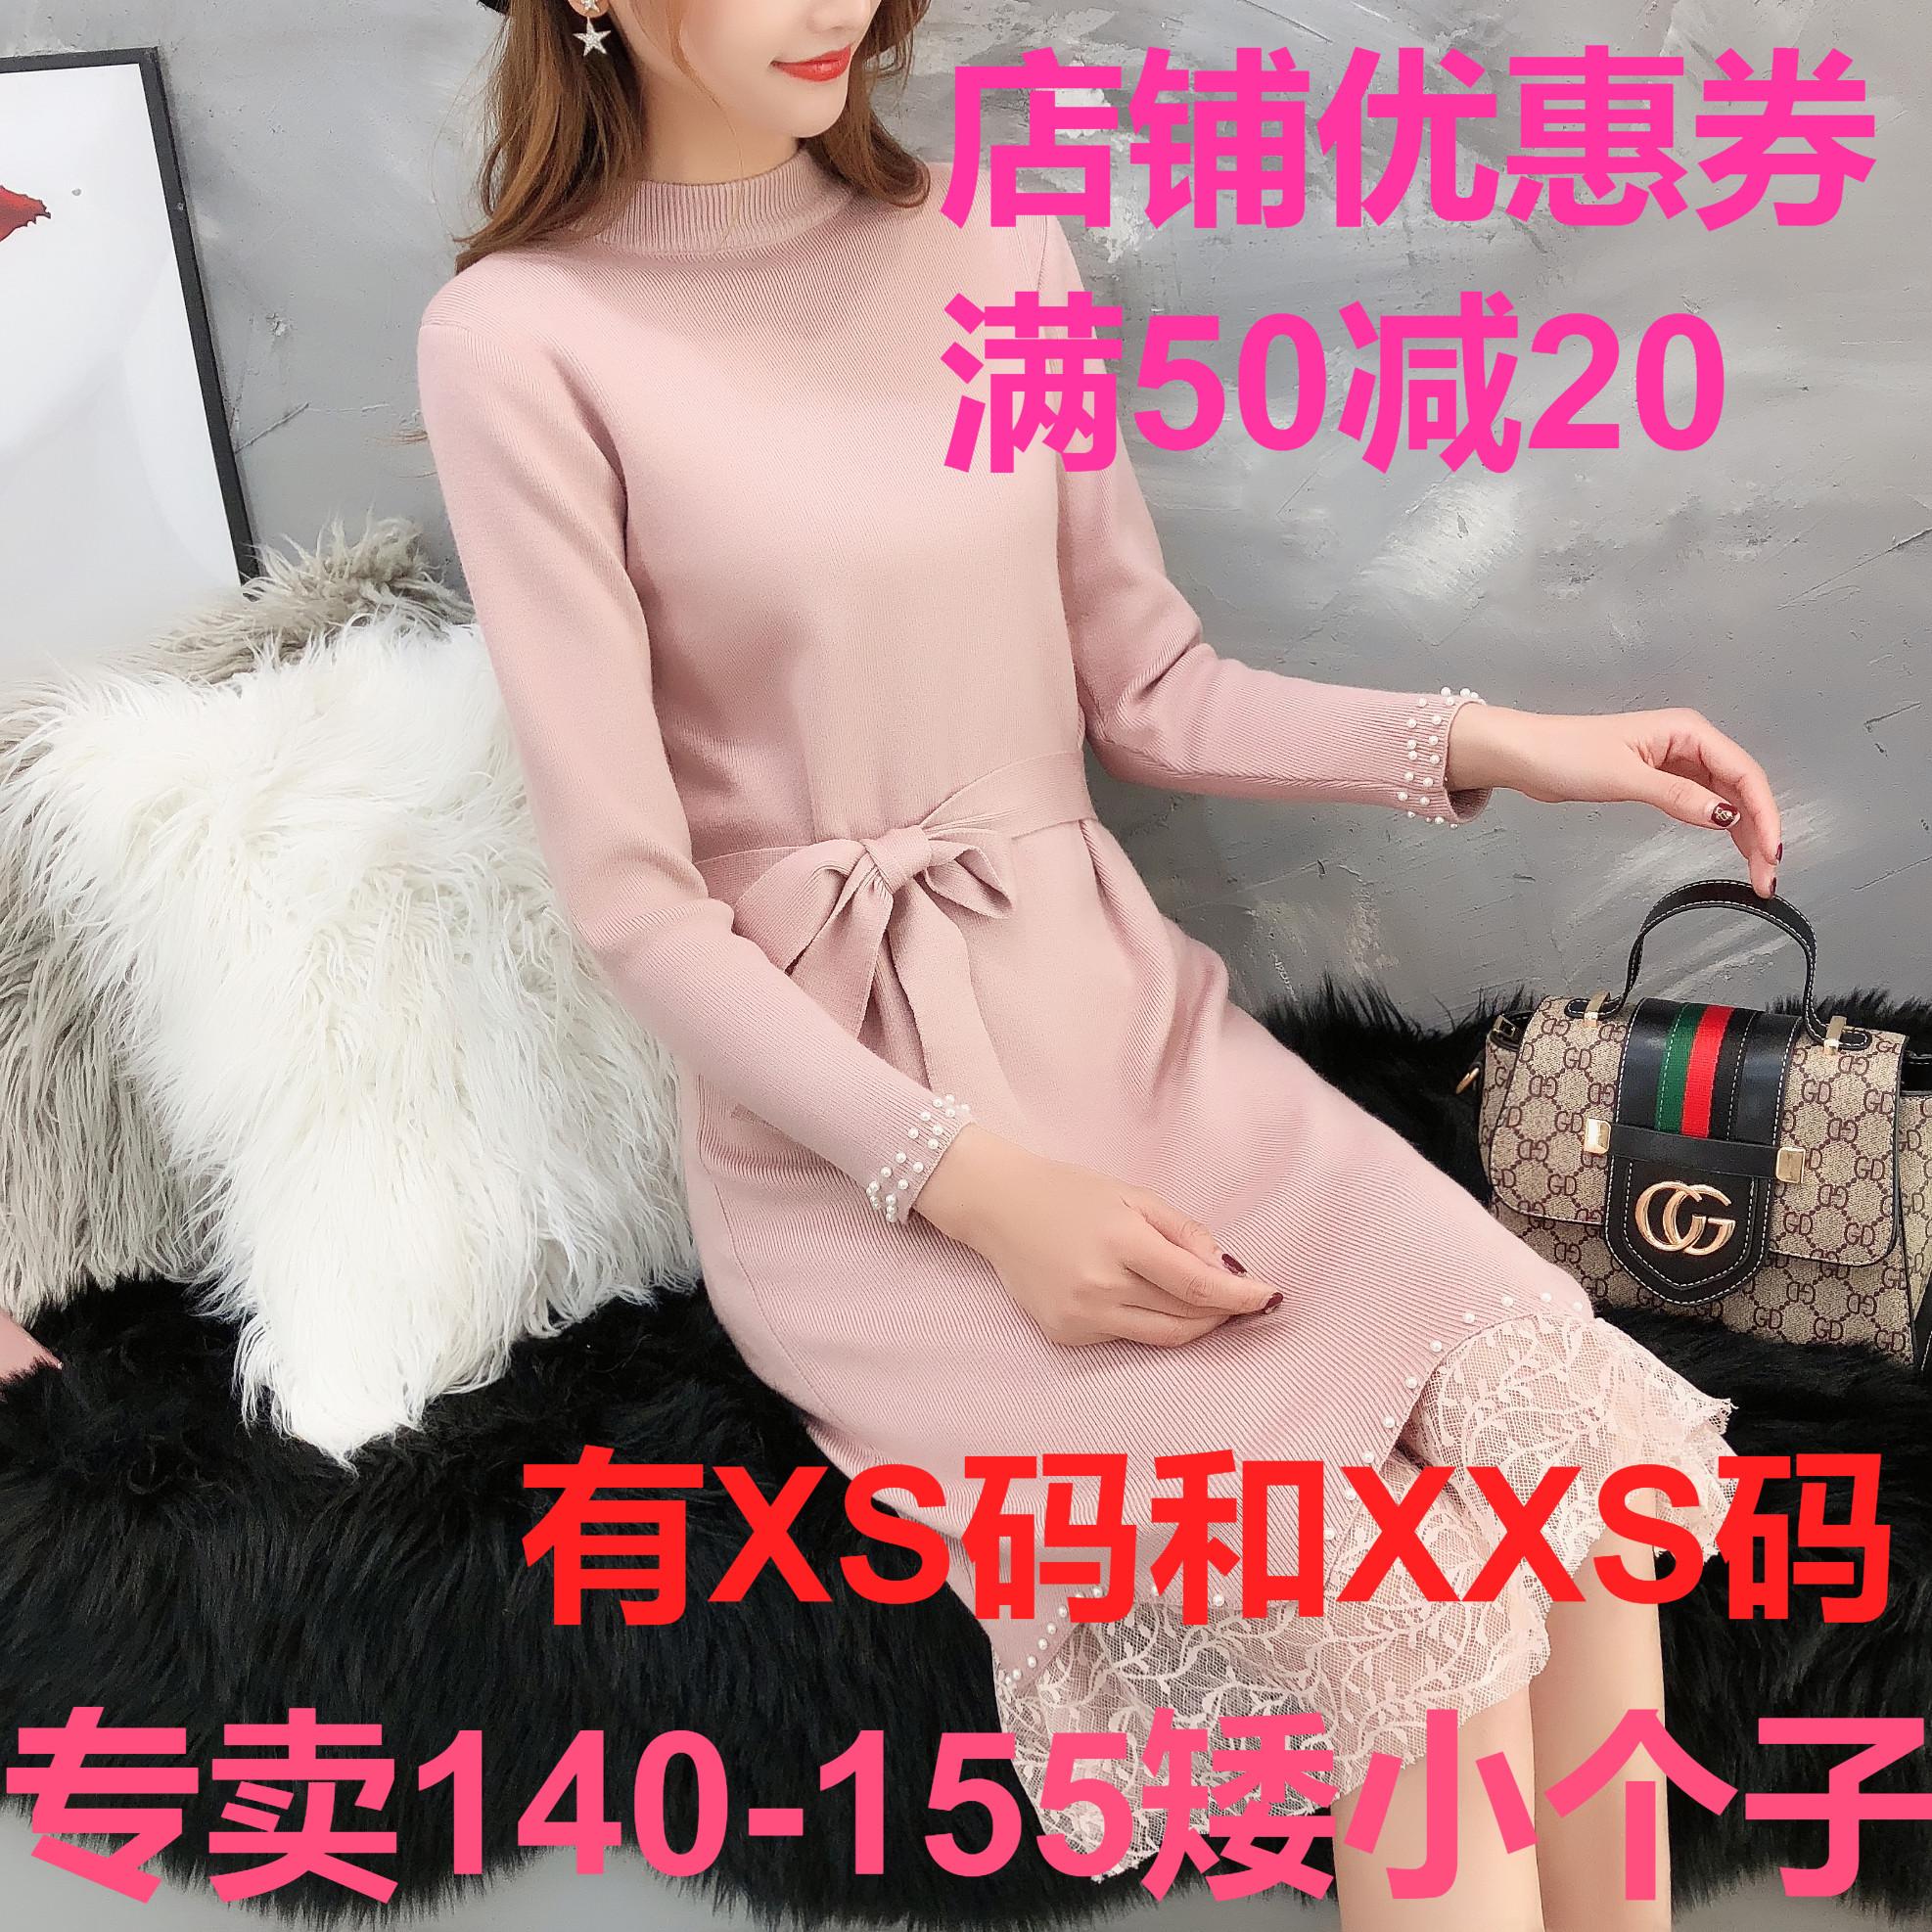 新款毛衣店秋装加小码150cm显高XS号矮个子女装裙打底针织连衣裙